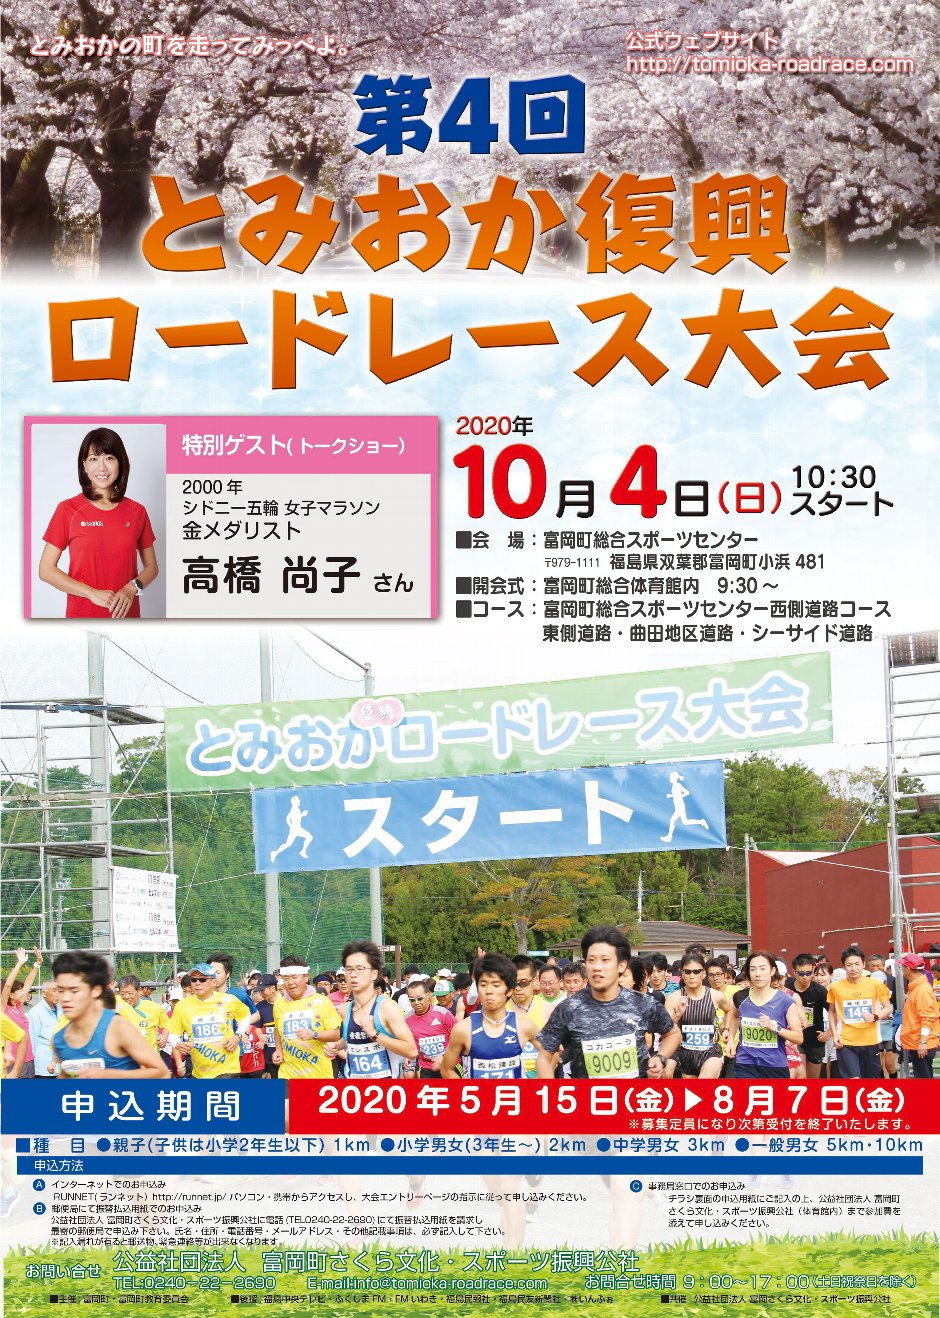 (開催延期)第4回とみおか復興ロードレース大会 @ 富岡町総合スポーツセンター